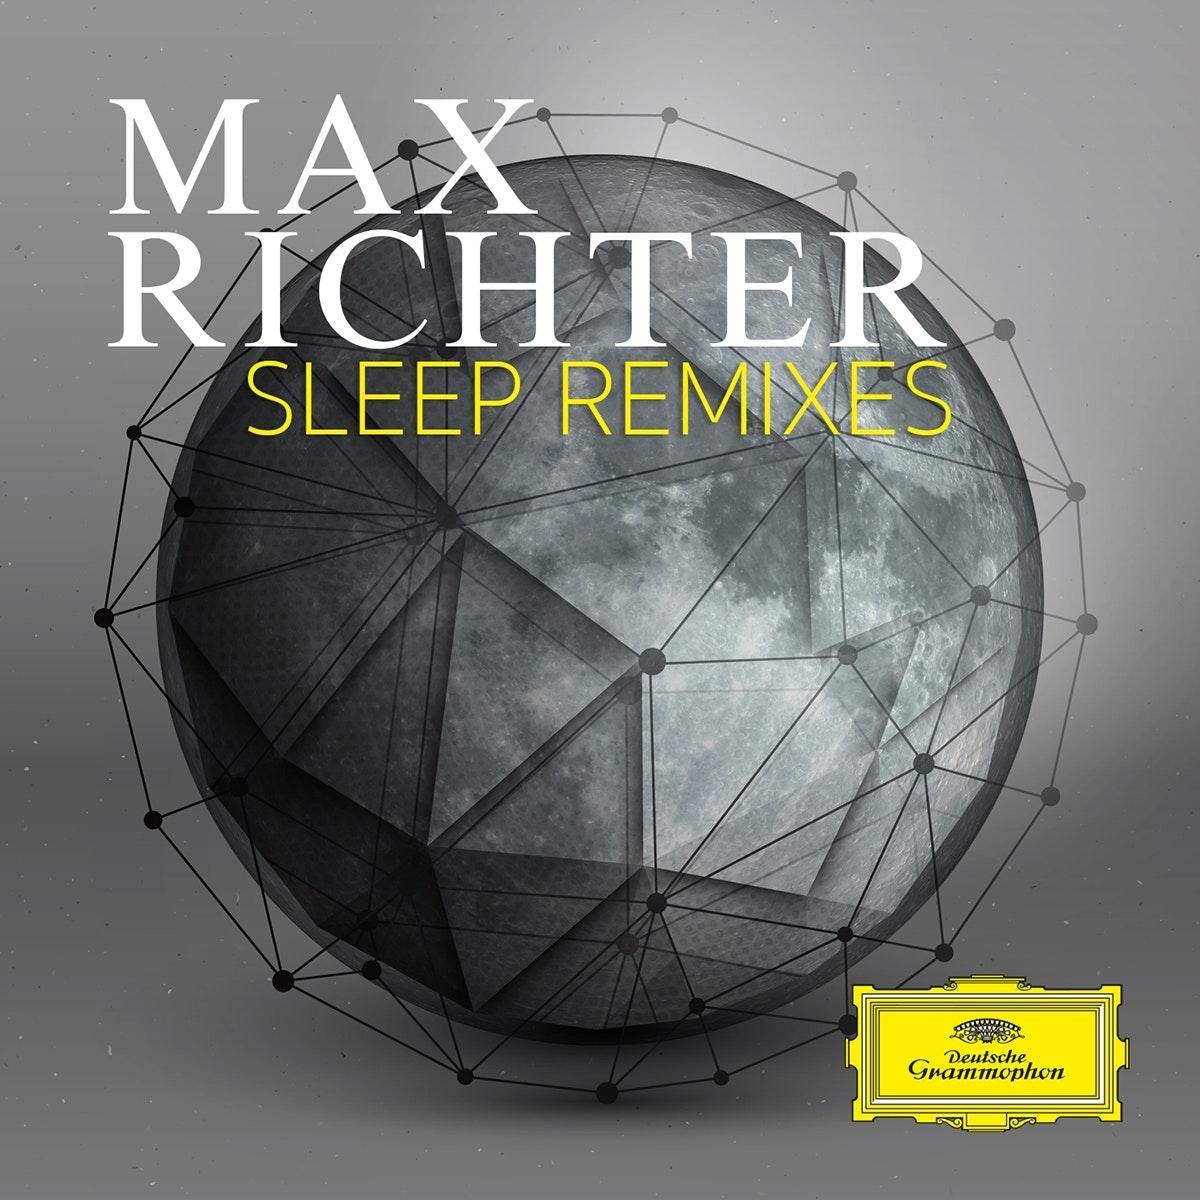 12 Max Richter Design-Wettbewerb